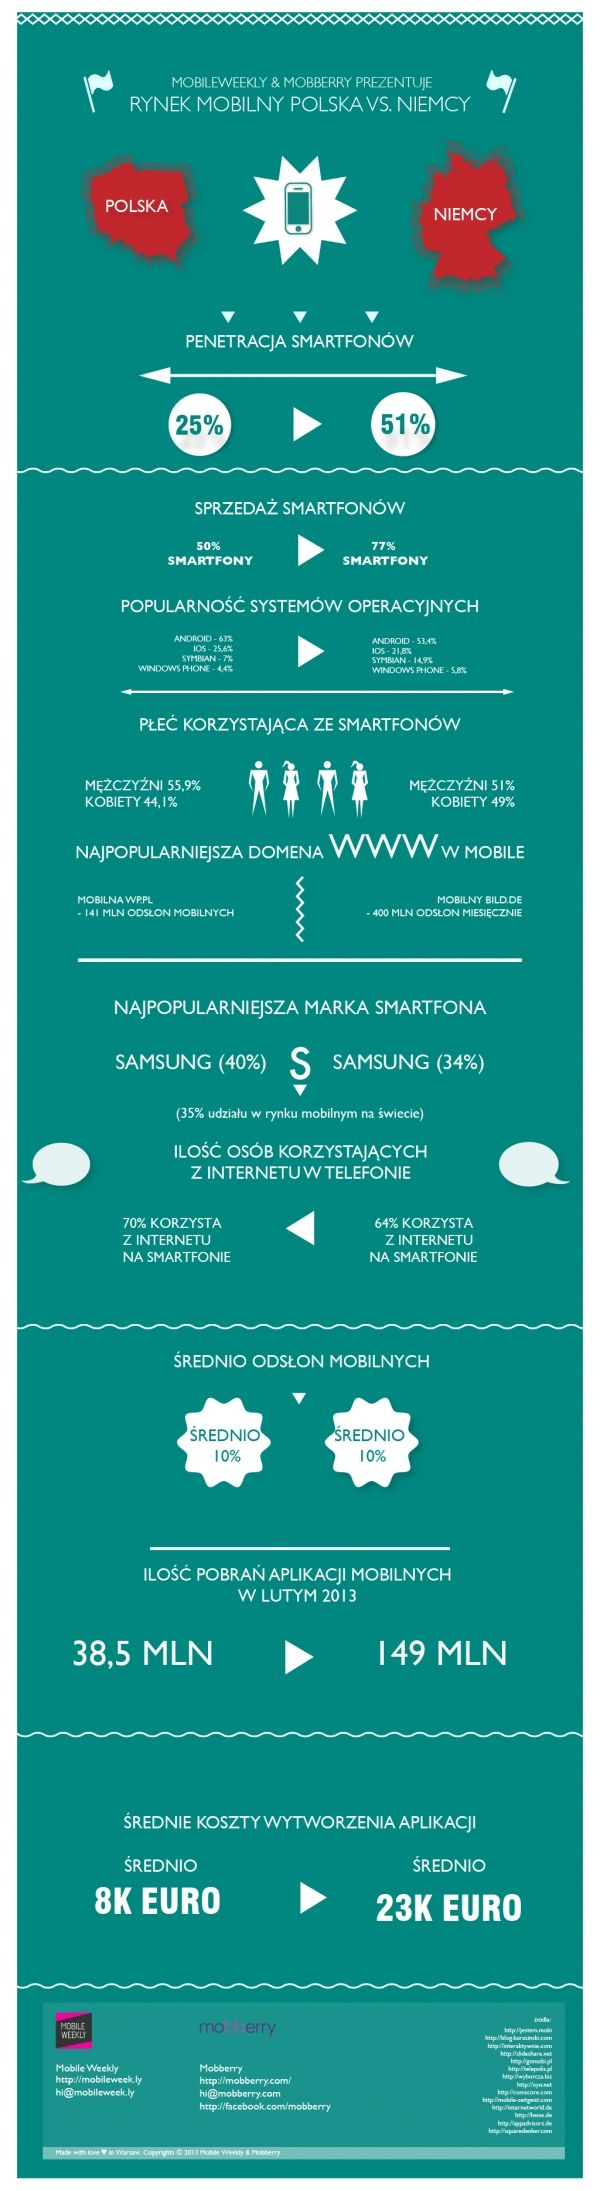 Rynek mobilny Polska vs. Niemcy [infografika] - Mam Startup